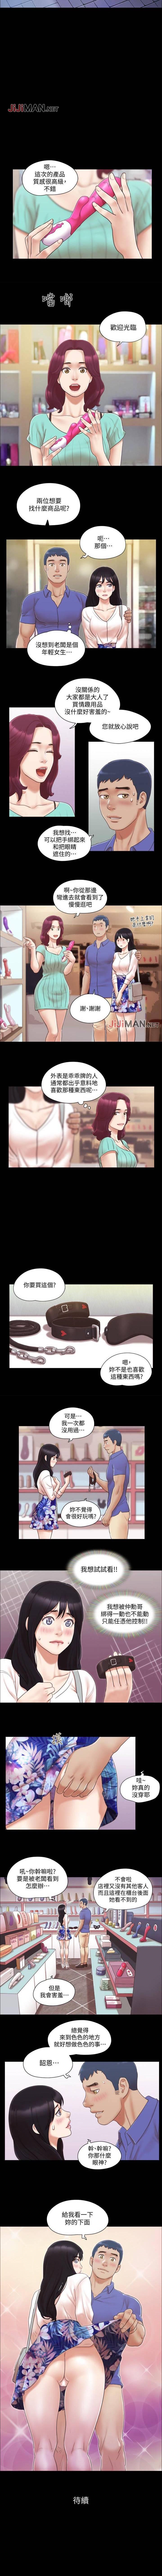 【周五连载】协议换爱(作者:遠德) 第1~62话 123